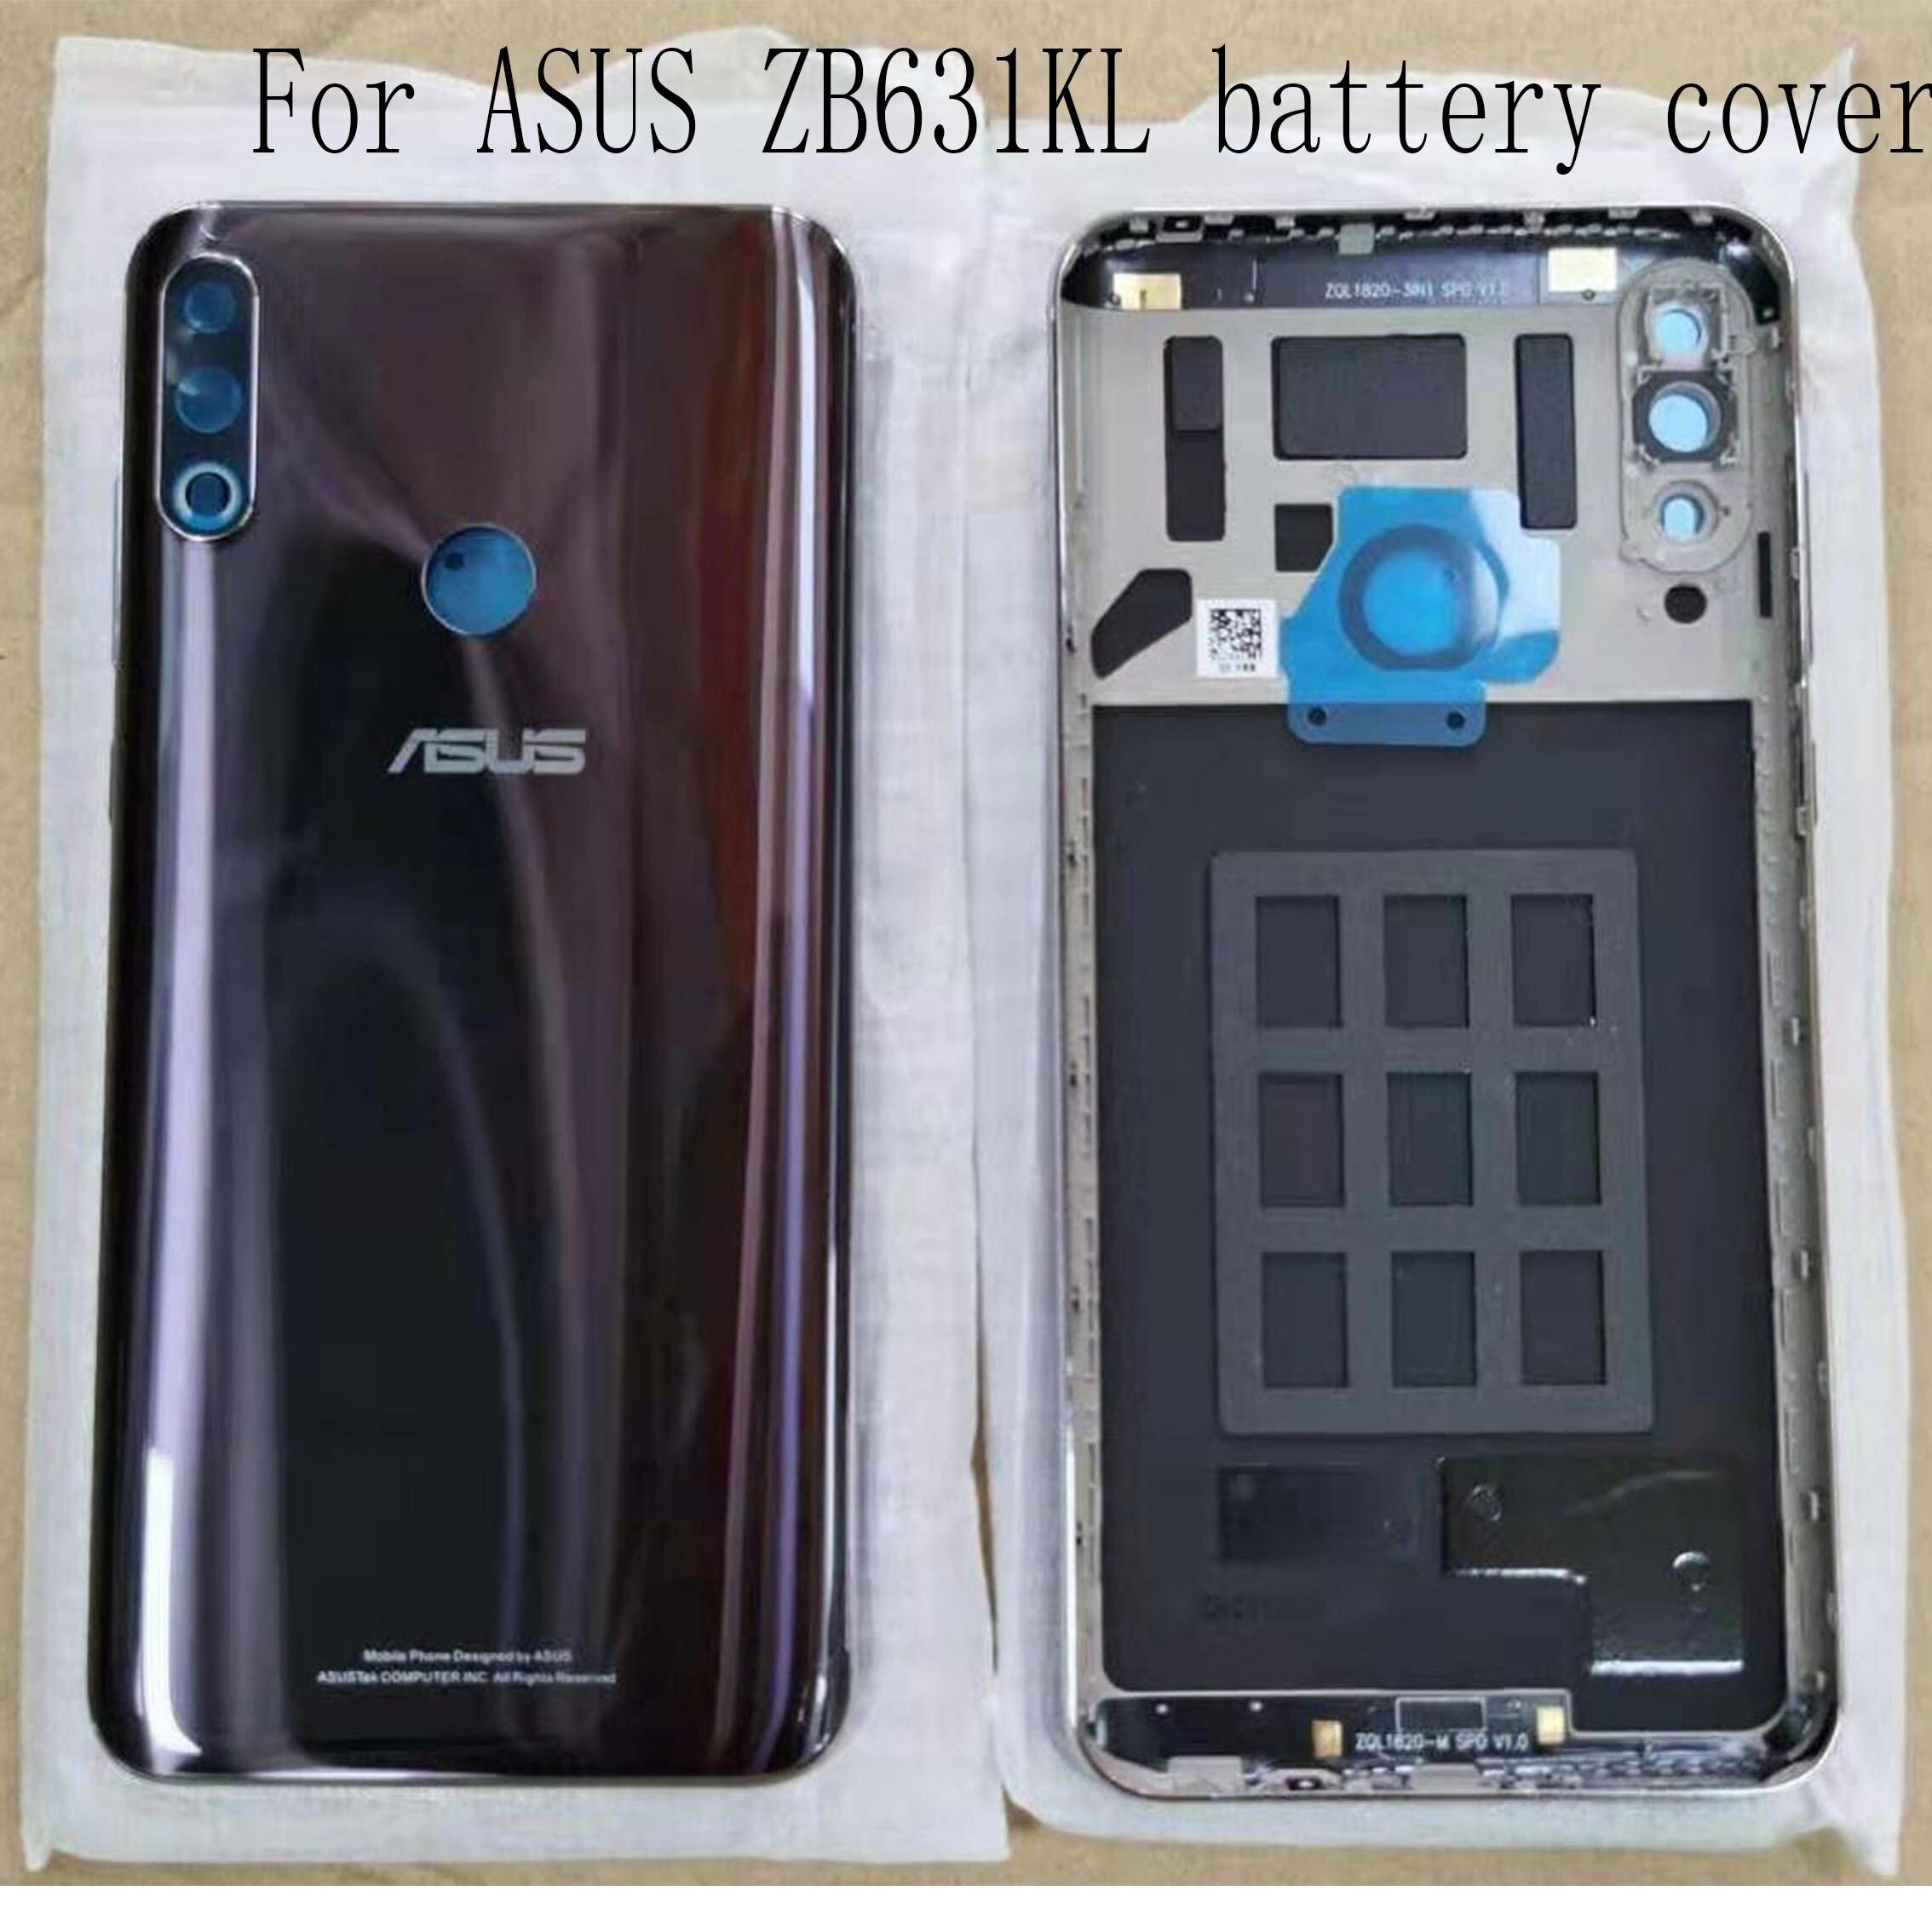 華碩 Zenfone Max Pro M2 Zb631Kl 後電池蓋維修部件, 帶鏡頭和膠水更換零件的新型後殼體 6.2